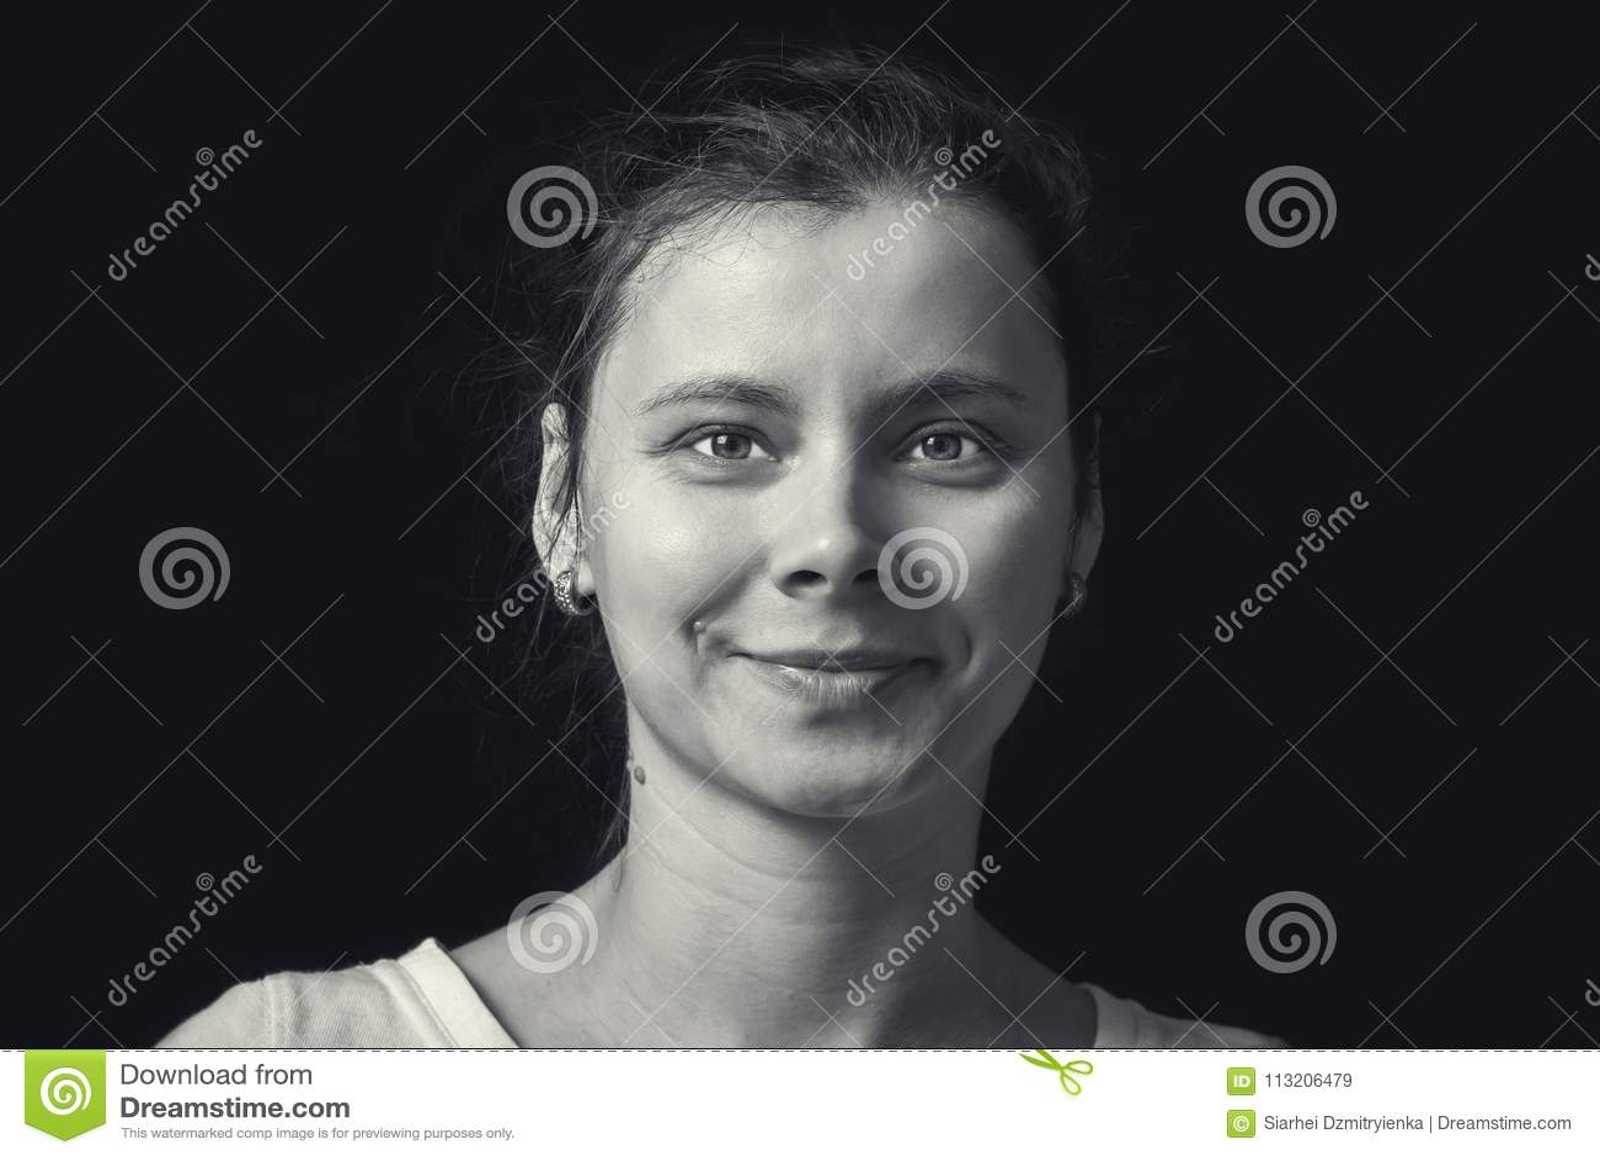 Czarny i biały portret młoda kobieta na czarnym tle Naturalna twarz ludzka z realistyczną emocją retro dziewczyna portret